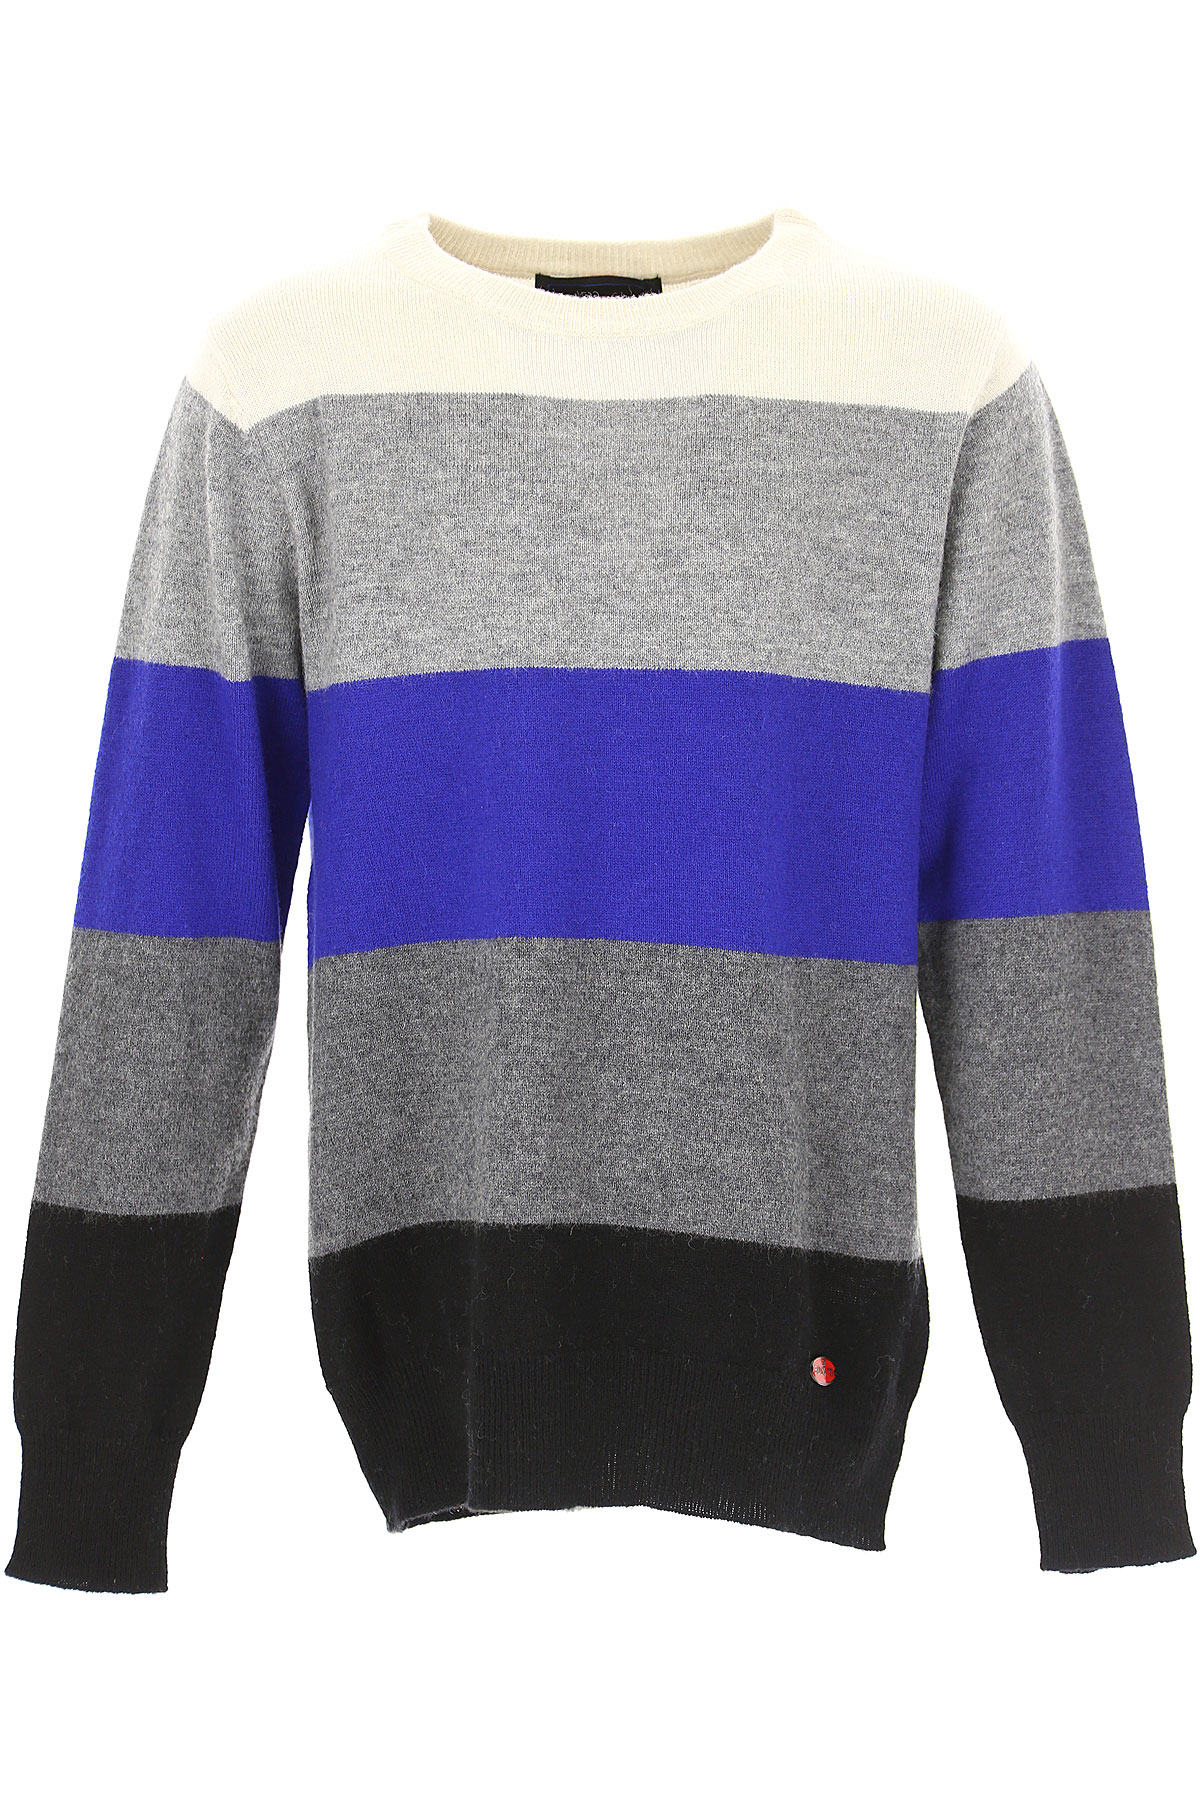 Image of Bugatti Kids Sweaters for Boys, Grey, Wool, 2017, 10Y 14Y 16Y 8Y